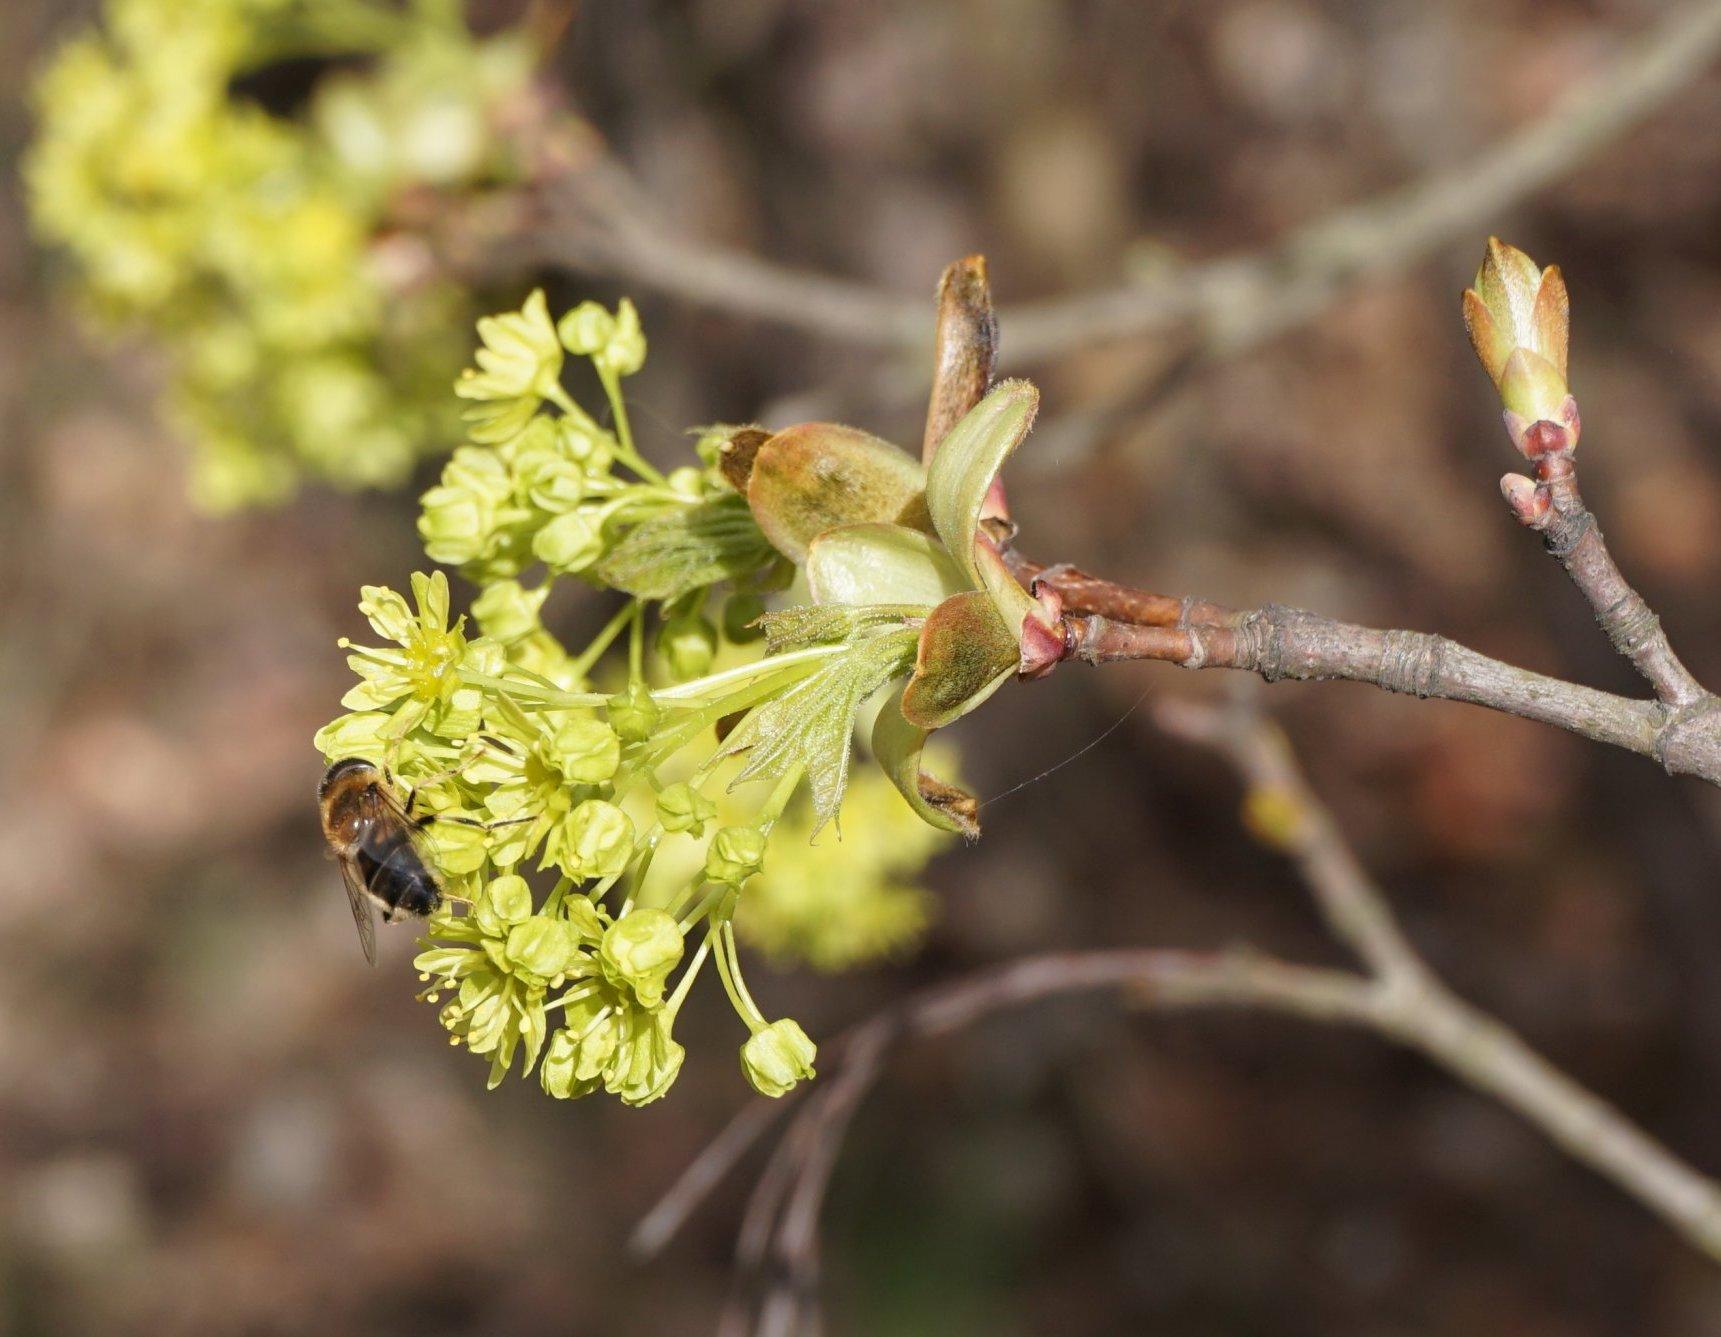 Das Bild zeigt die Blüten des Spitz-Ahorns. Sie werden wie die der anderen heimischen Ahorn-Arten, des Berg- und des Feld-Ahorns, von Insekten bestäubt.